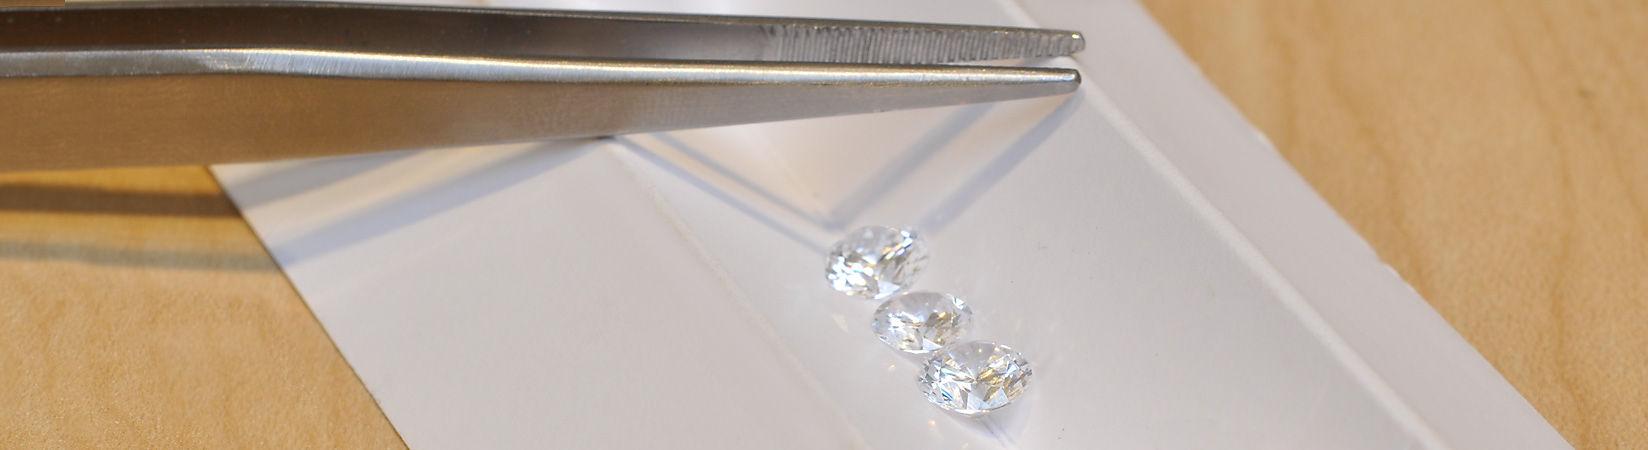 diamond examine